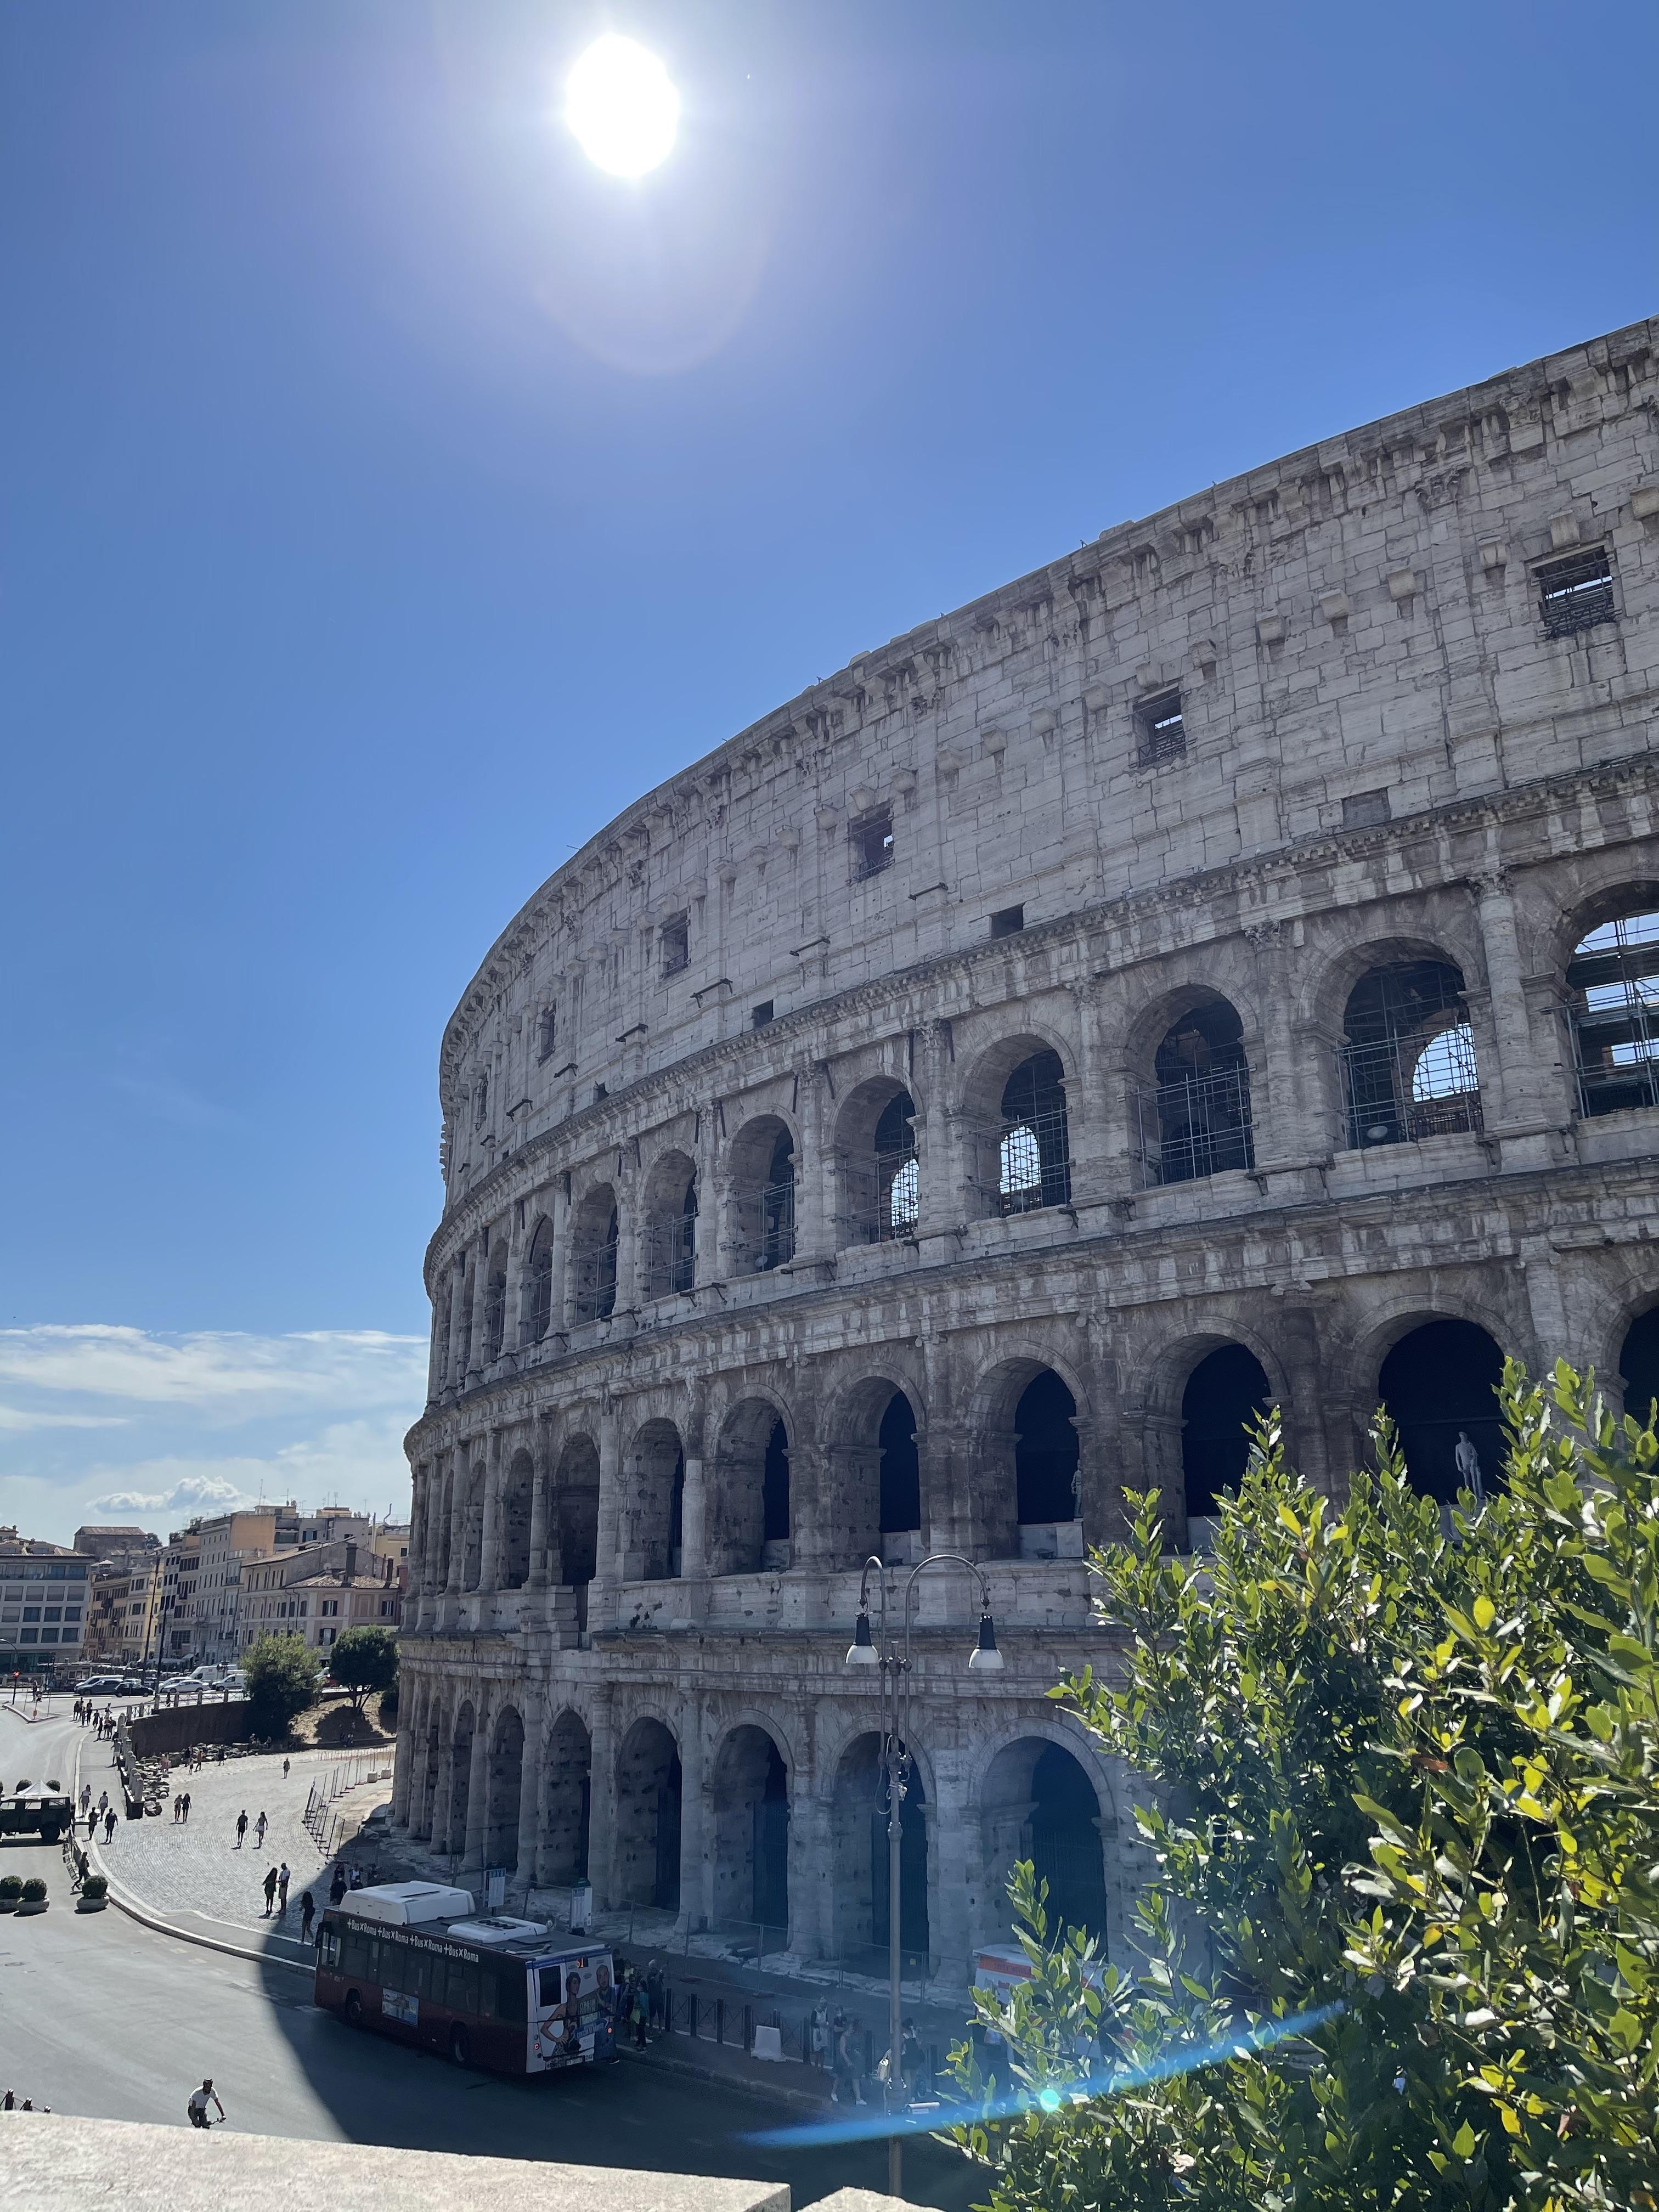 Róma - látnivalók, tippek, csalódások